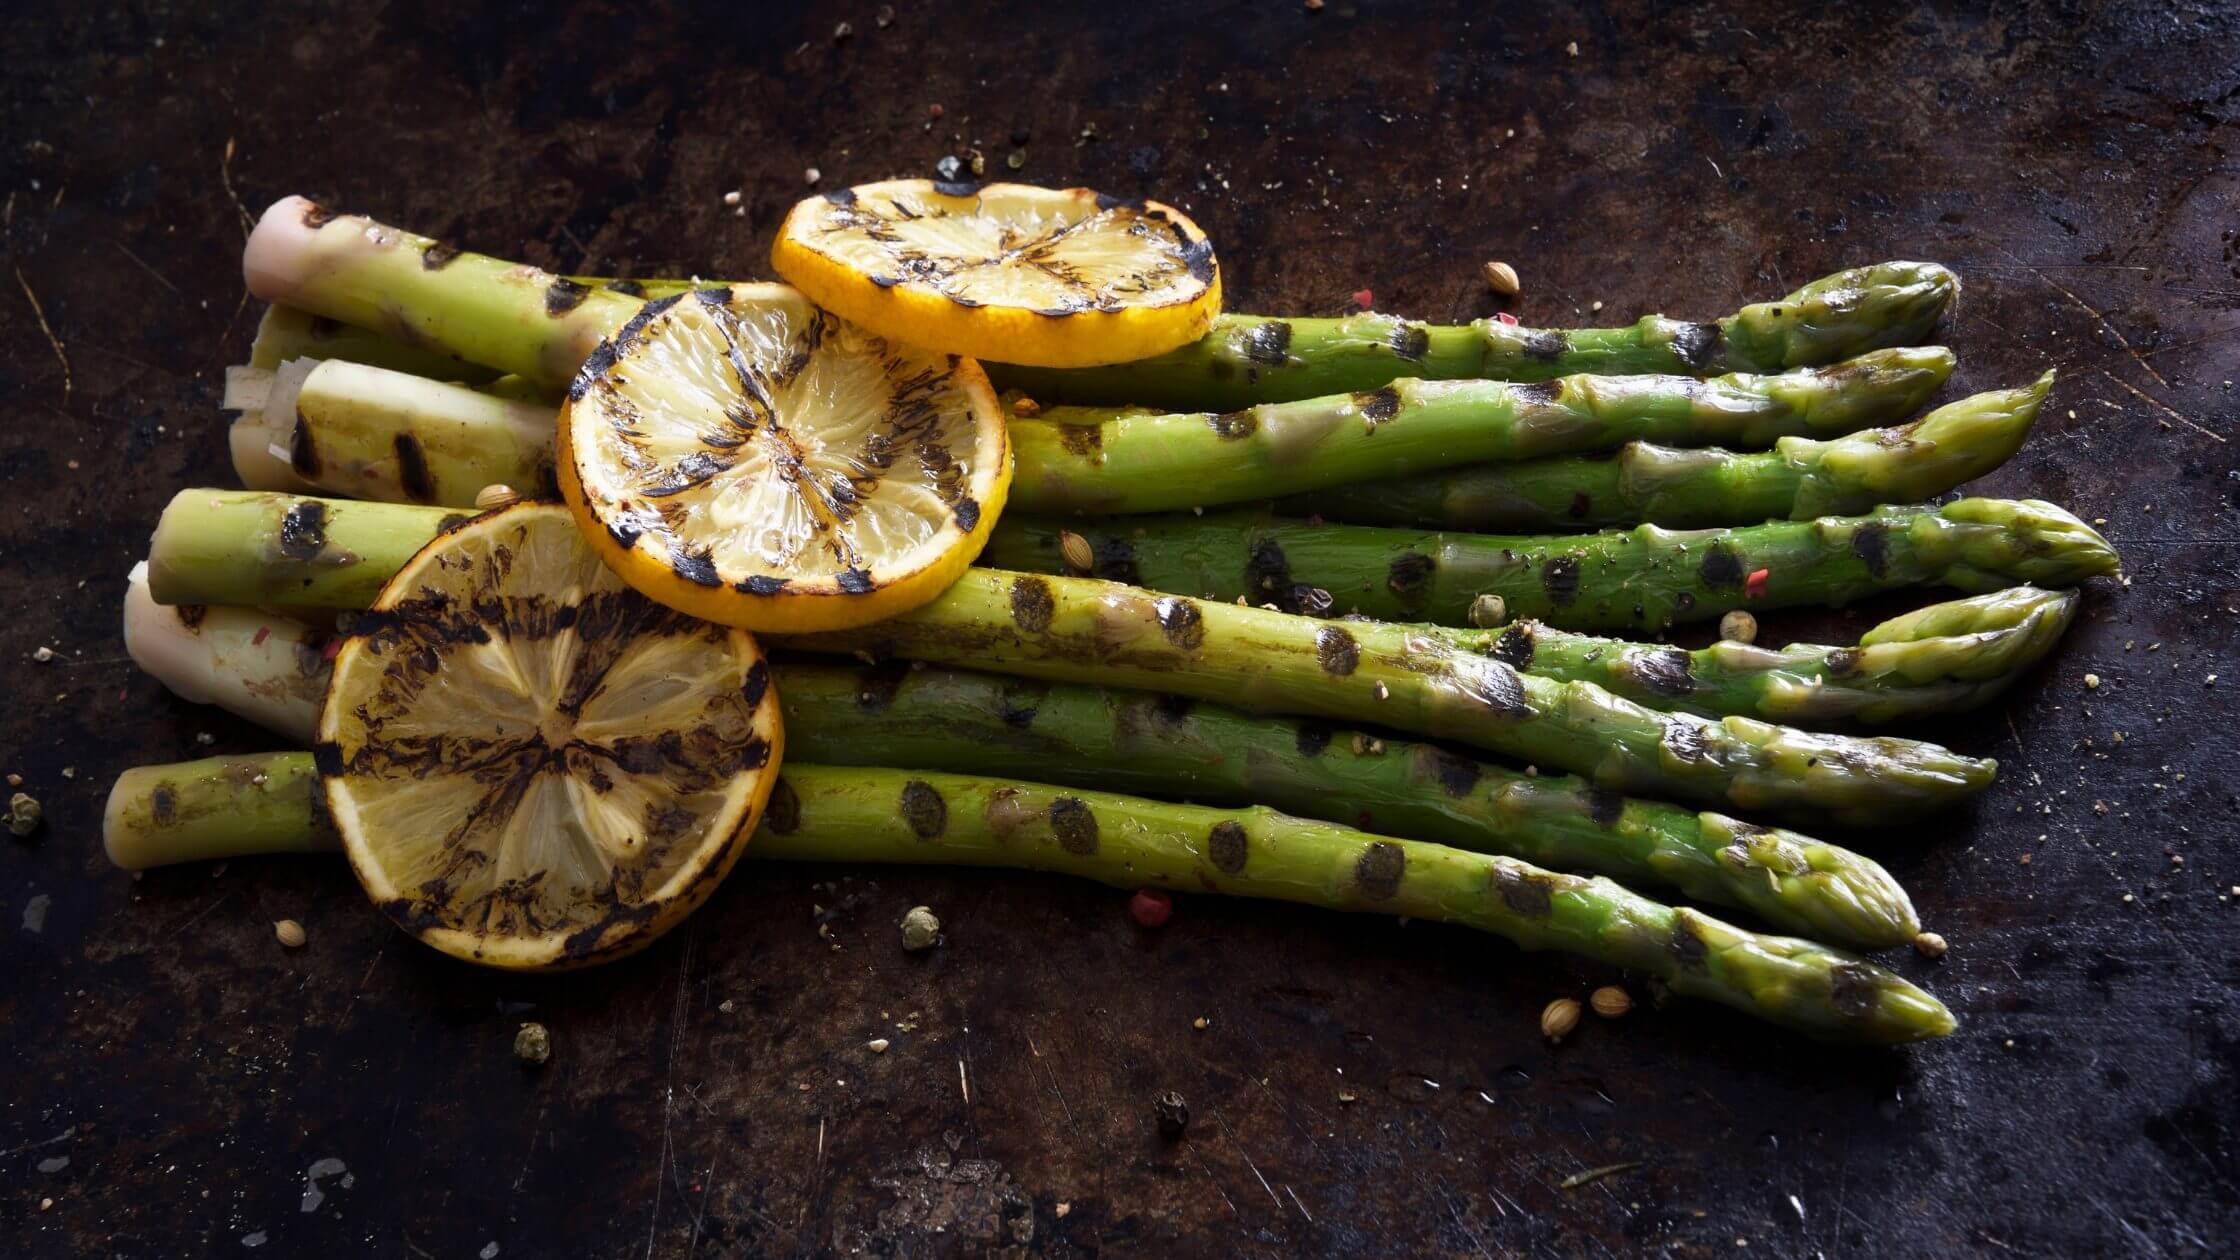 Grilled Asparagus garnished with lemon